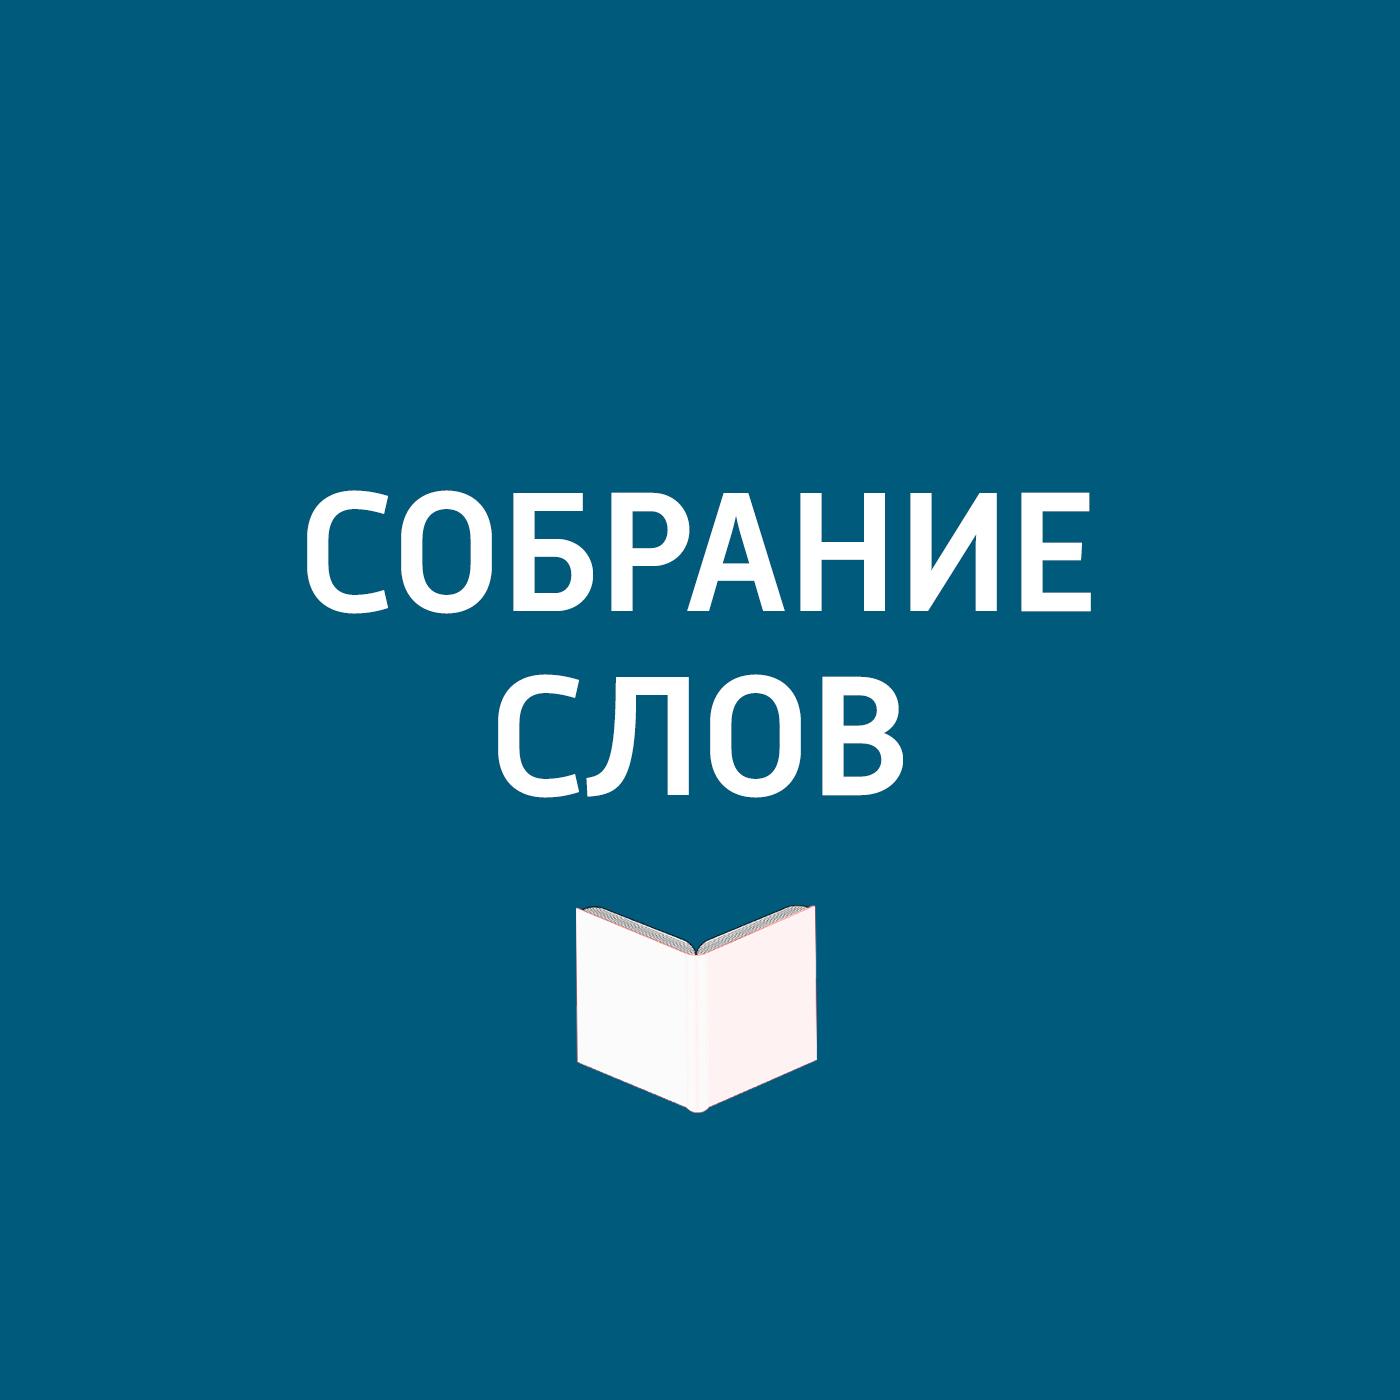 Большое интервью Татьяны Дорониной и Александра Хатникова